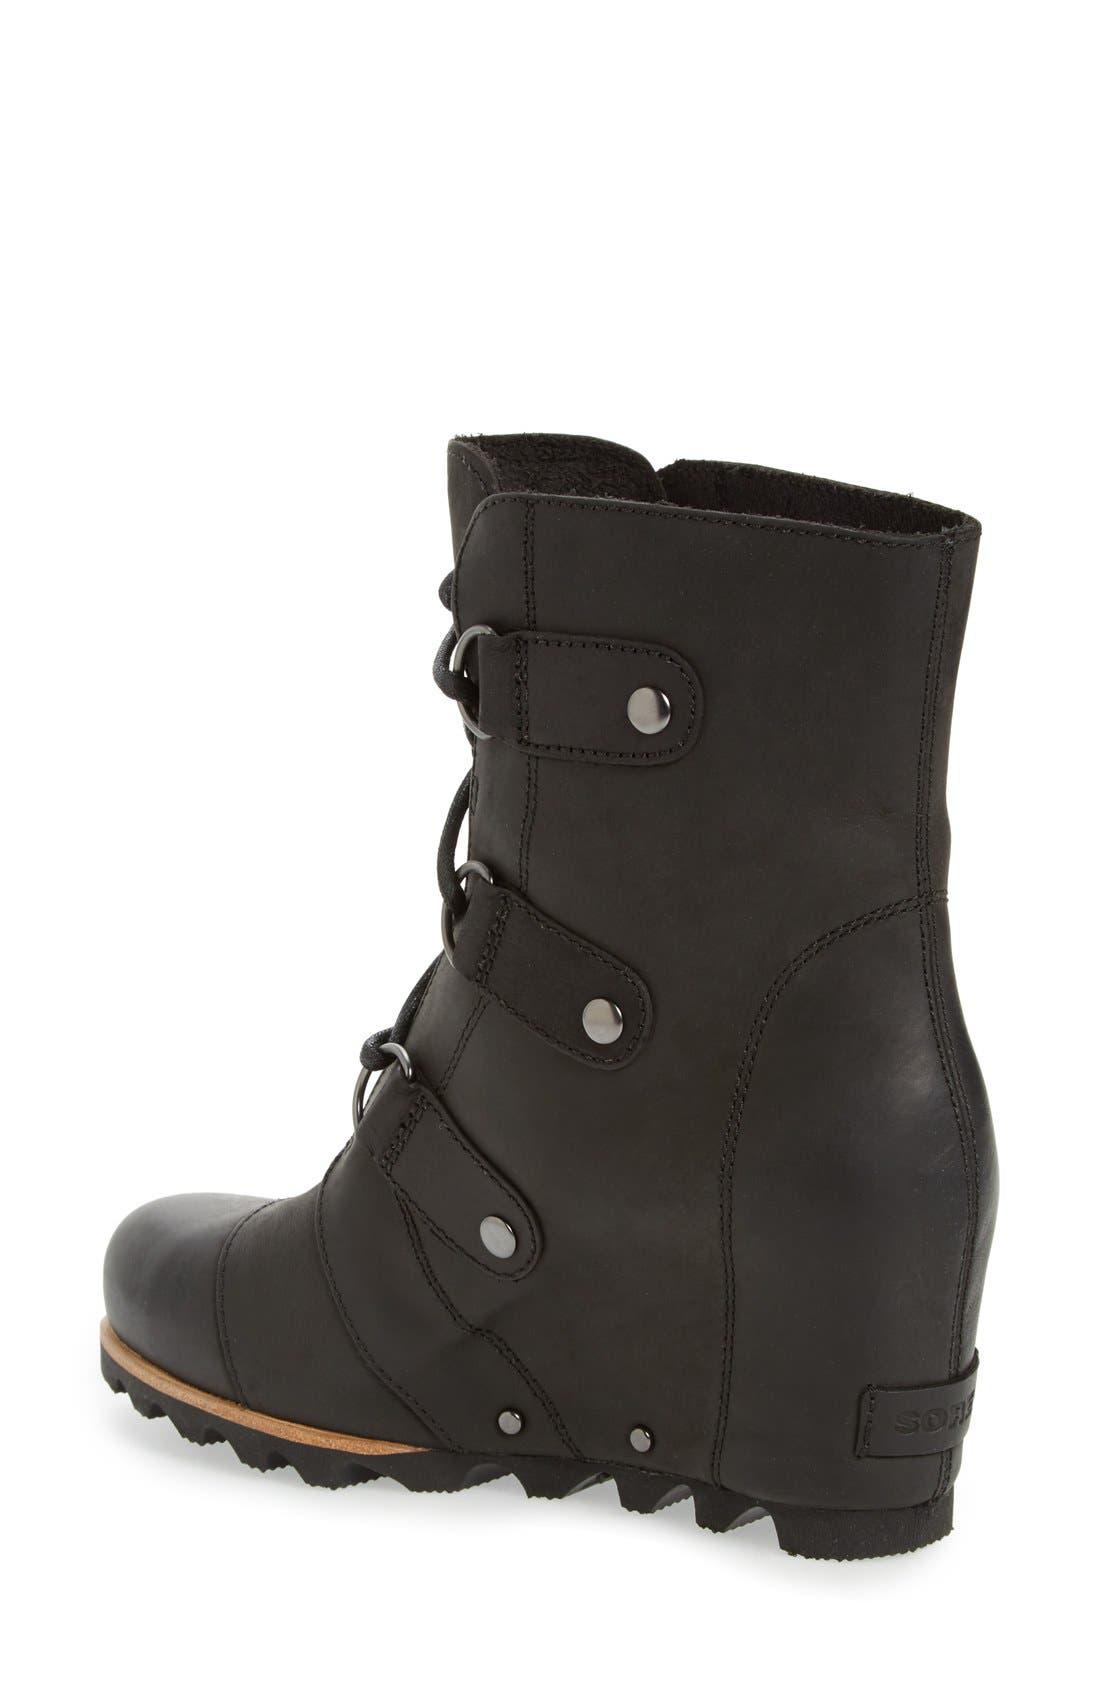 'Joan of Arctic' Waterproof Wedge Boot,                             Alternate thumbnail 12, color,